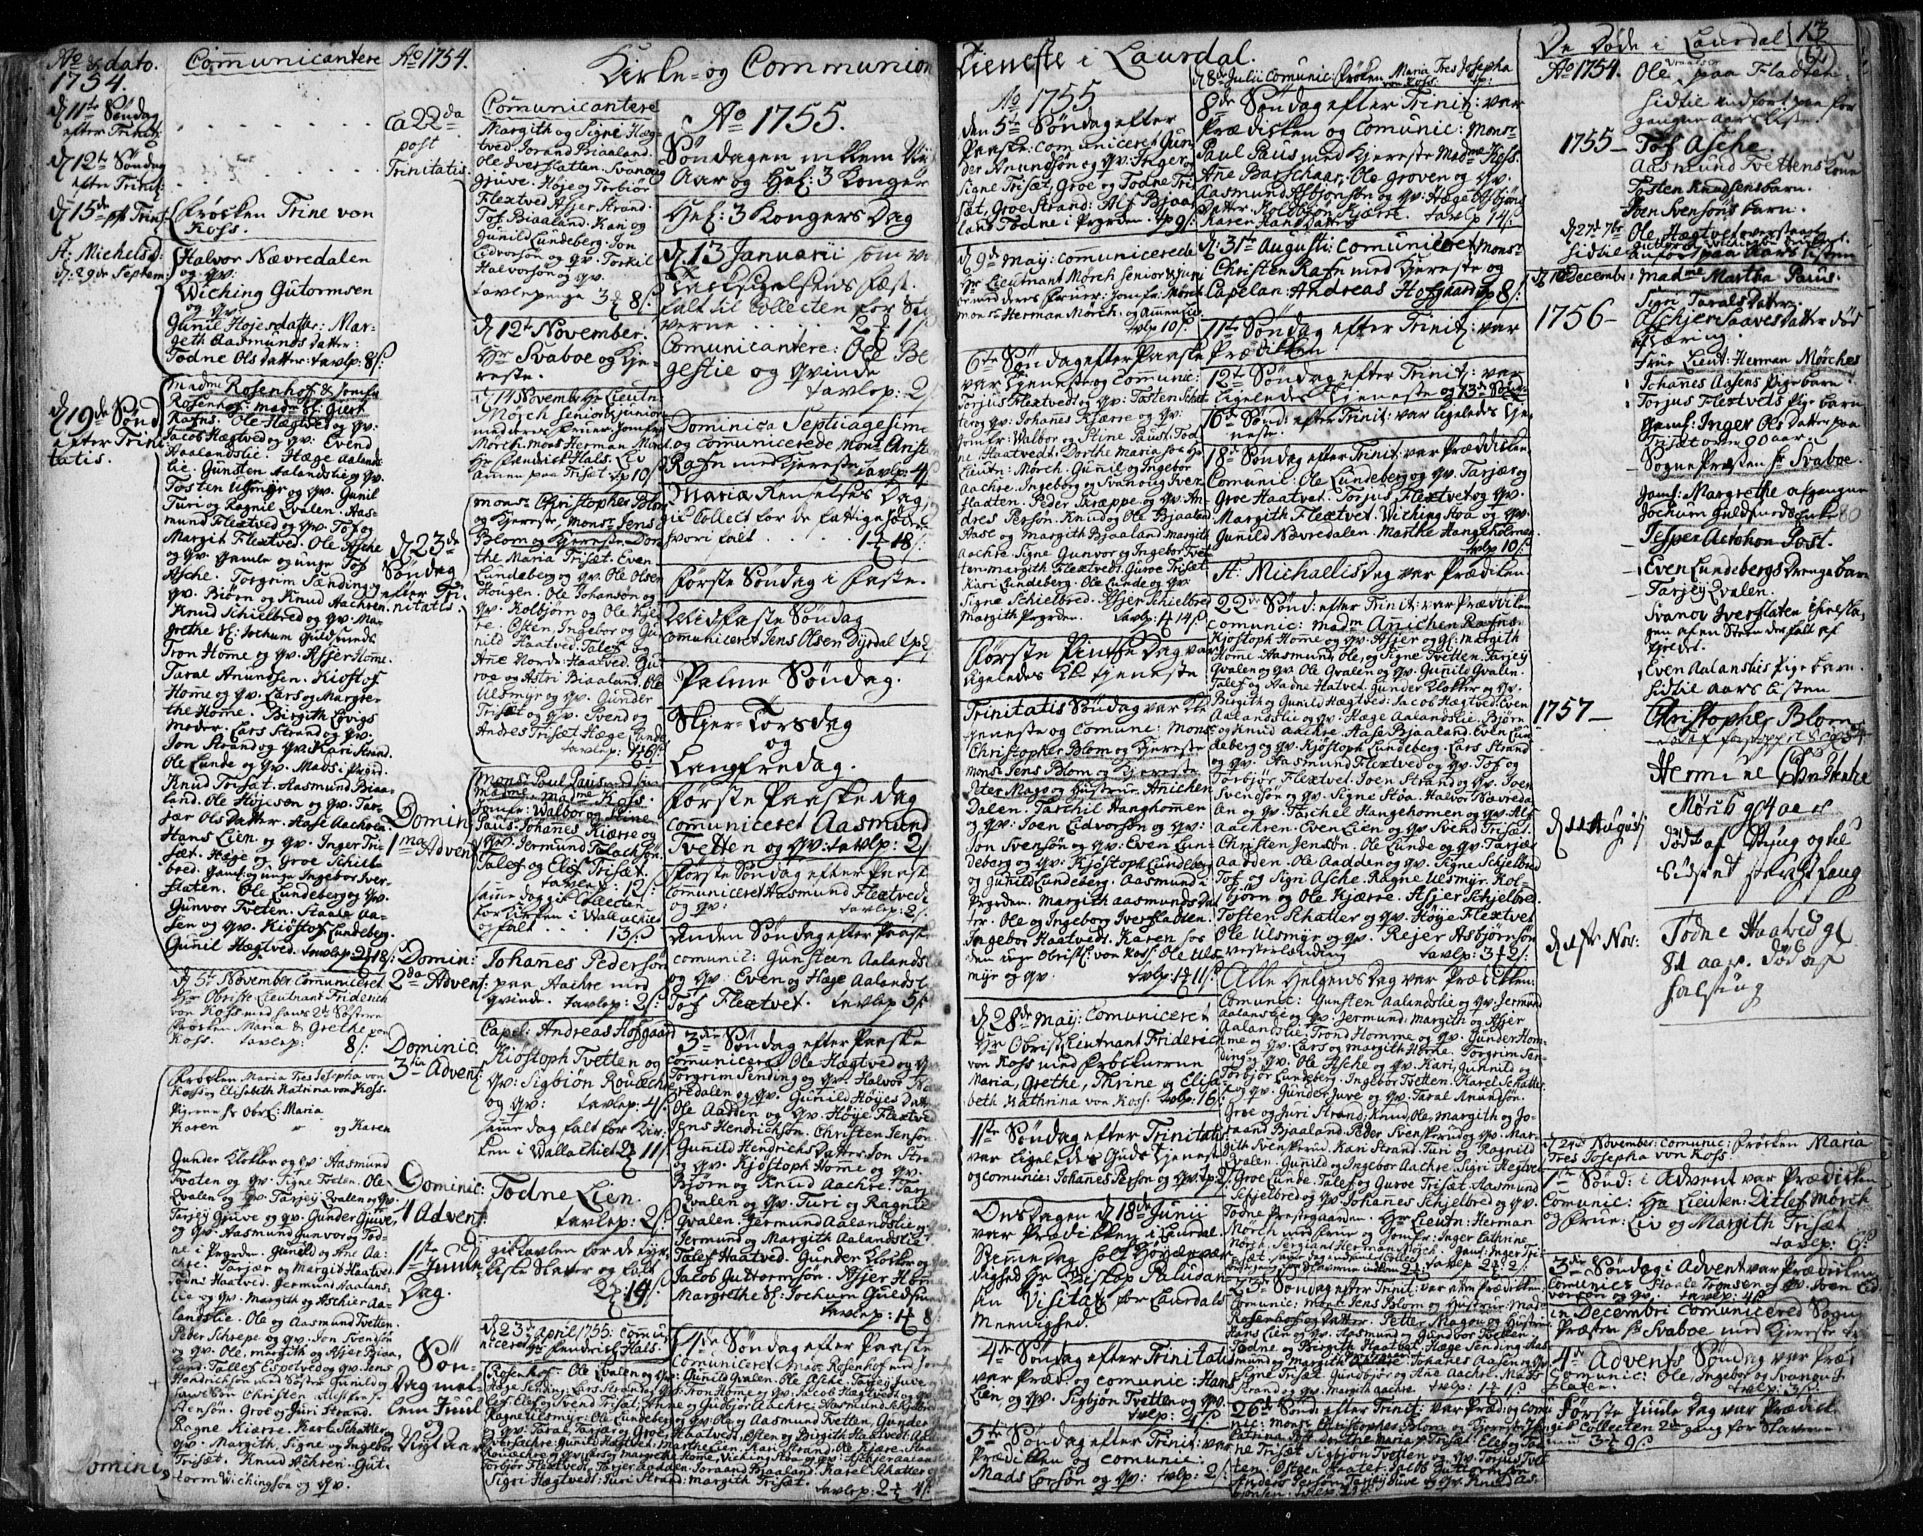 SAKO, Lårdal kirkebøker, F/Fa/L0003: Ministerialbok nr. I 3, 1754-1790, s. 62